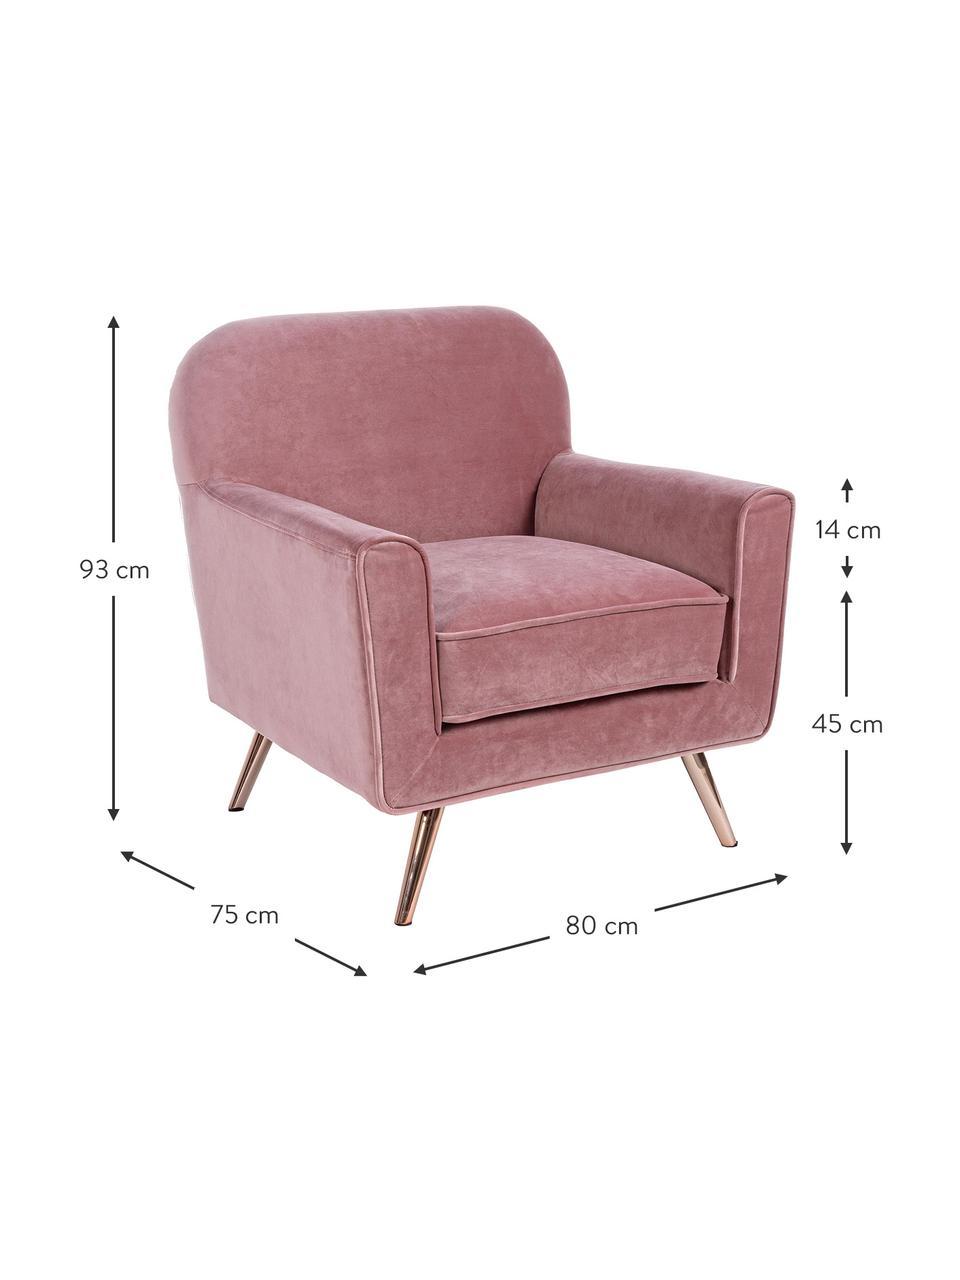 Fotel z aksamitu Lydia, Tapicerka: aksamit poliestrowy, Nogi: metal powlekany, Różowy, S 80 x G 75 cm